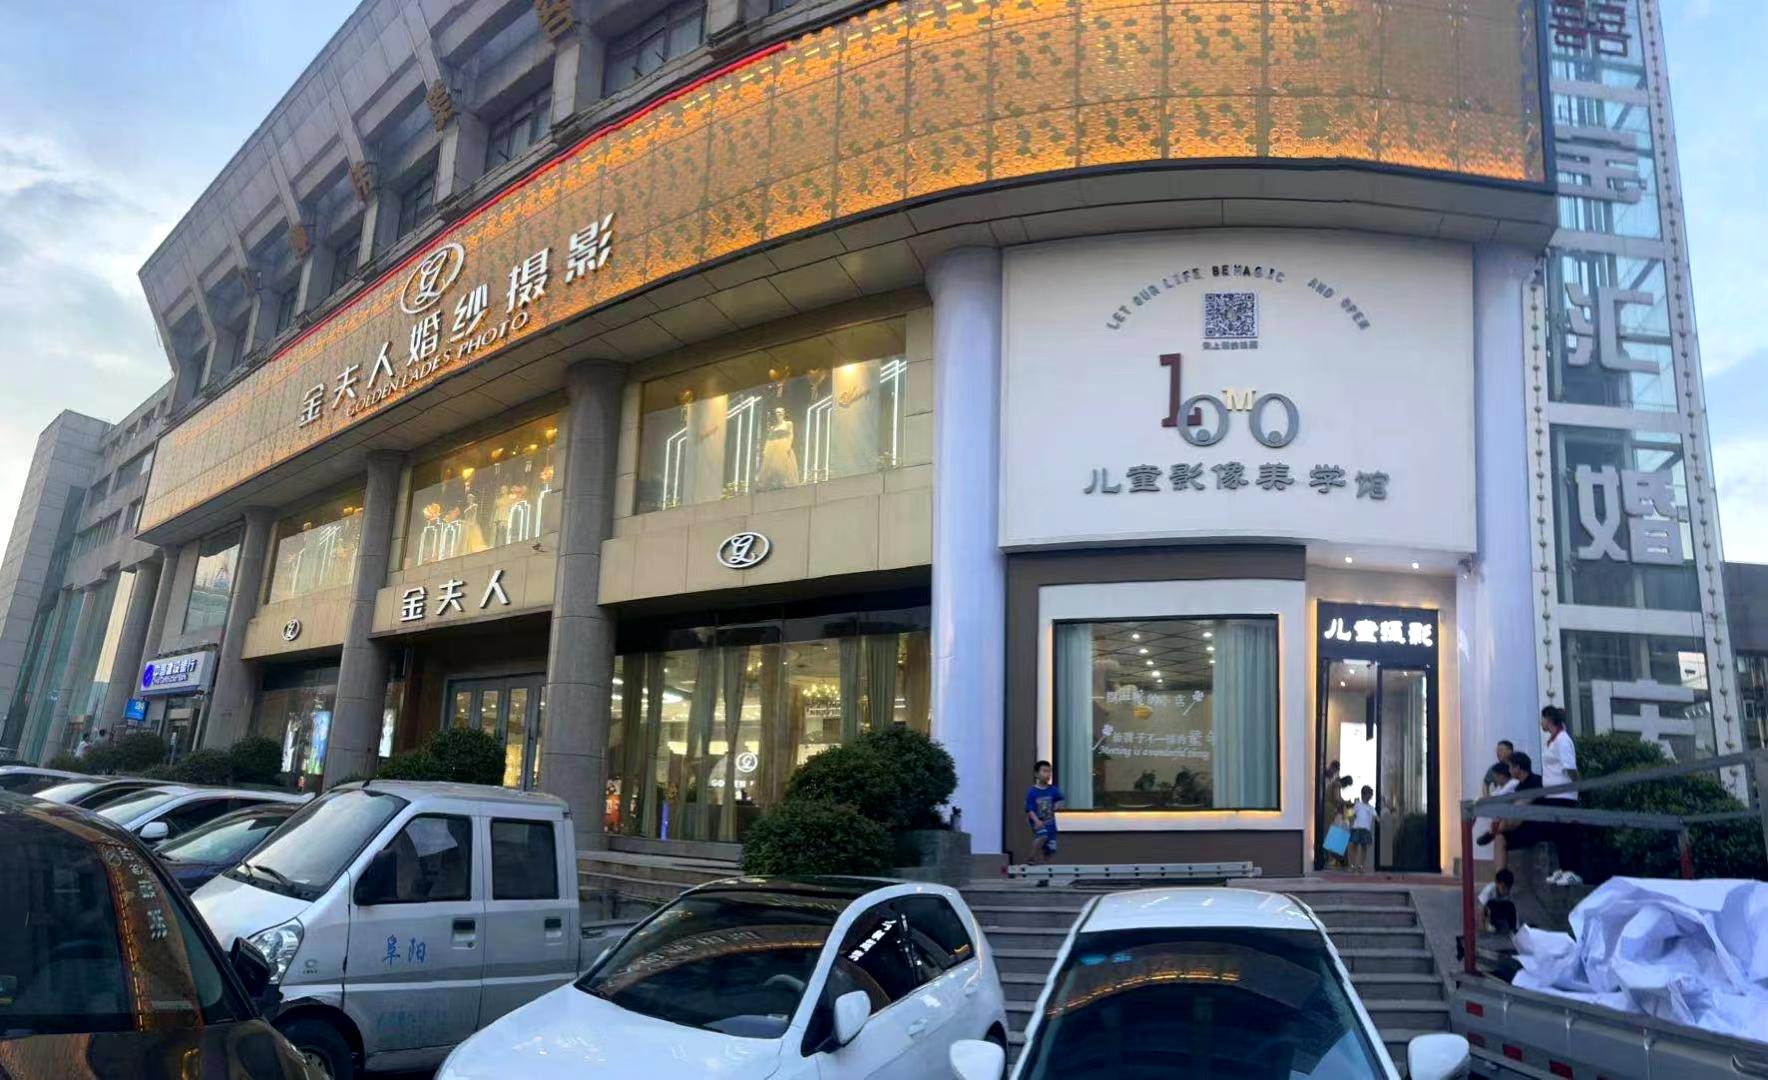 阜阳LOMO儿童影像美学馆